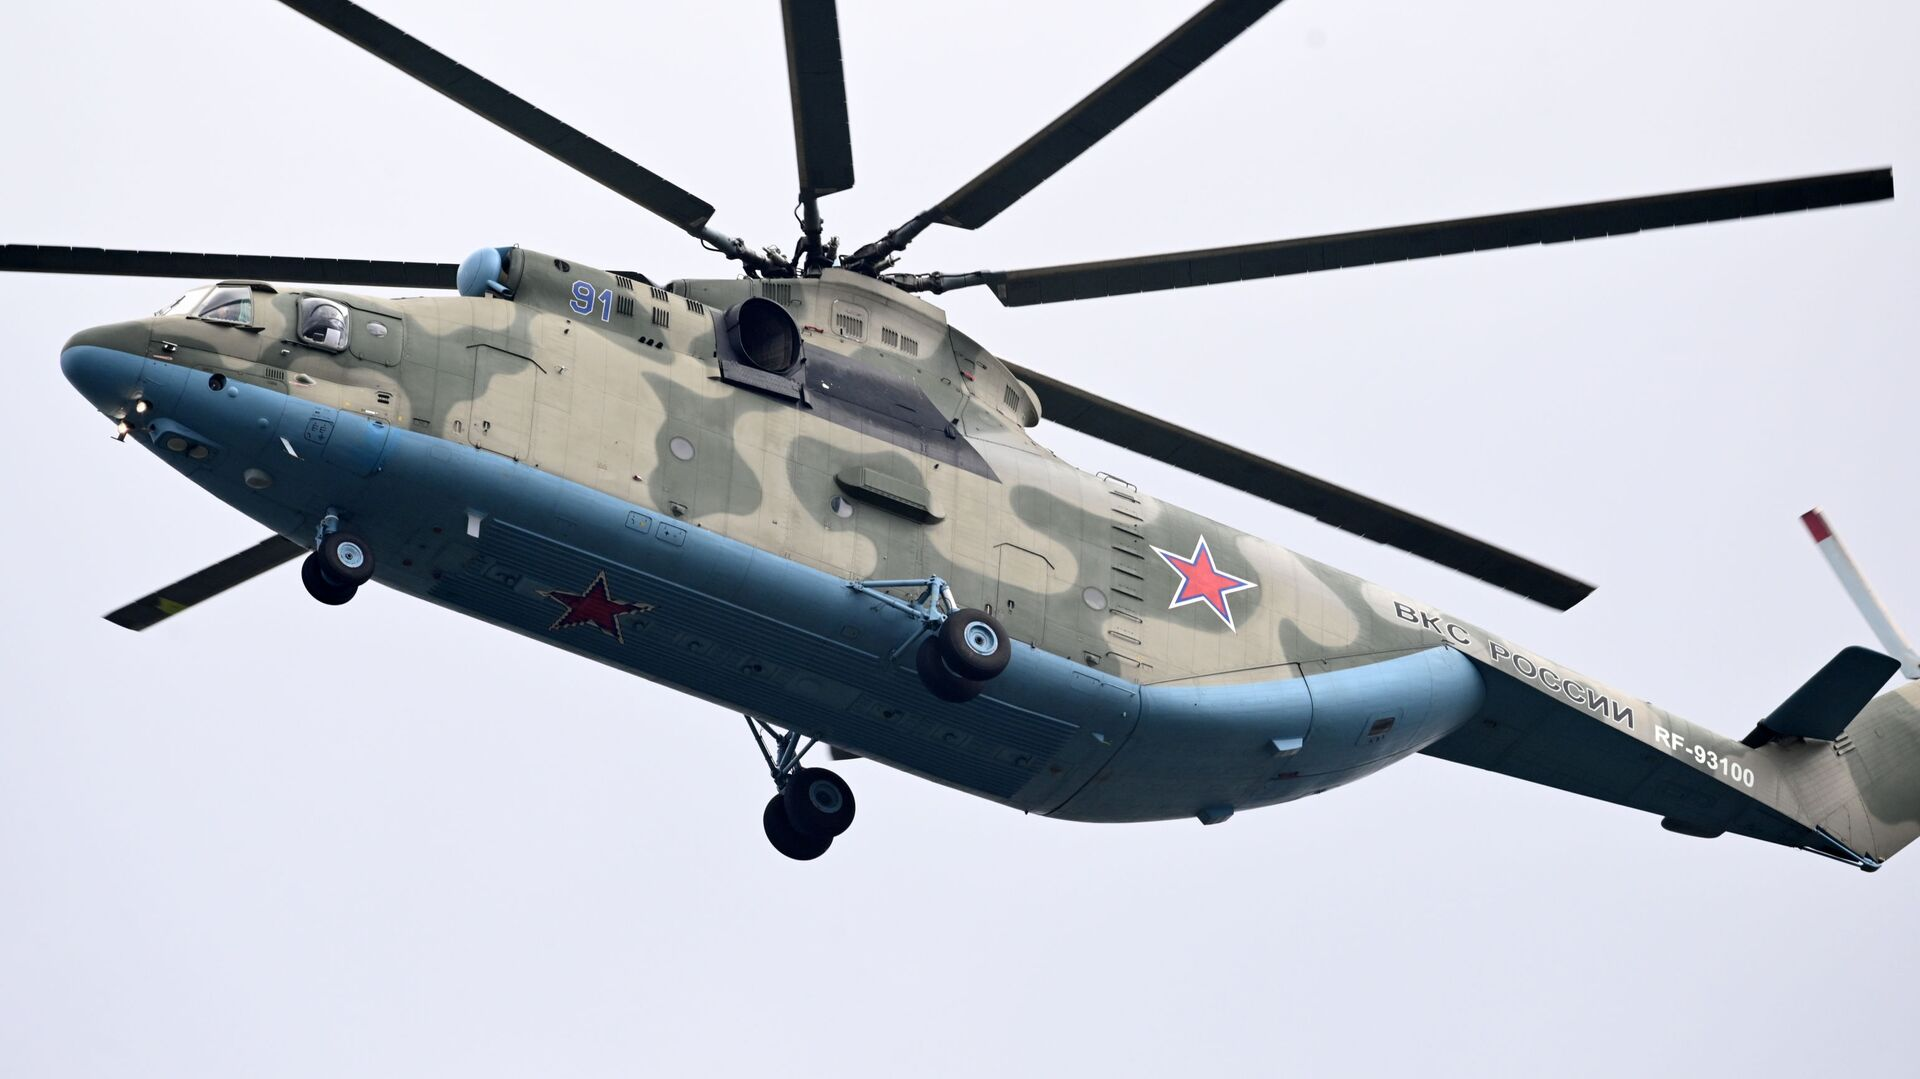 Más tarde el Mi-6 fue desplazado por el helicóptero más novedoso, pero no menos habilitado, Mi-26. - Sputnik Mundo, 1920, 22.07.2021